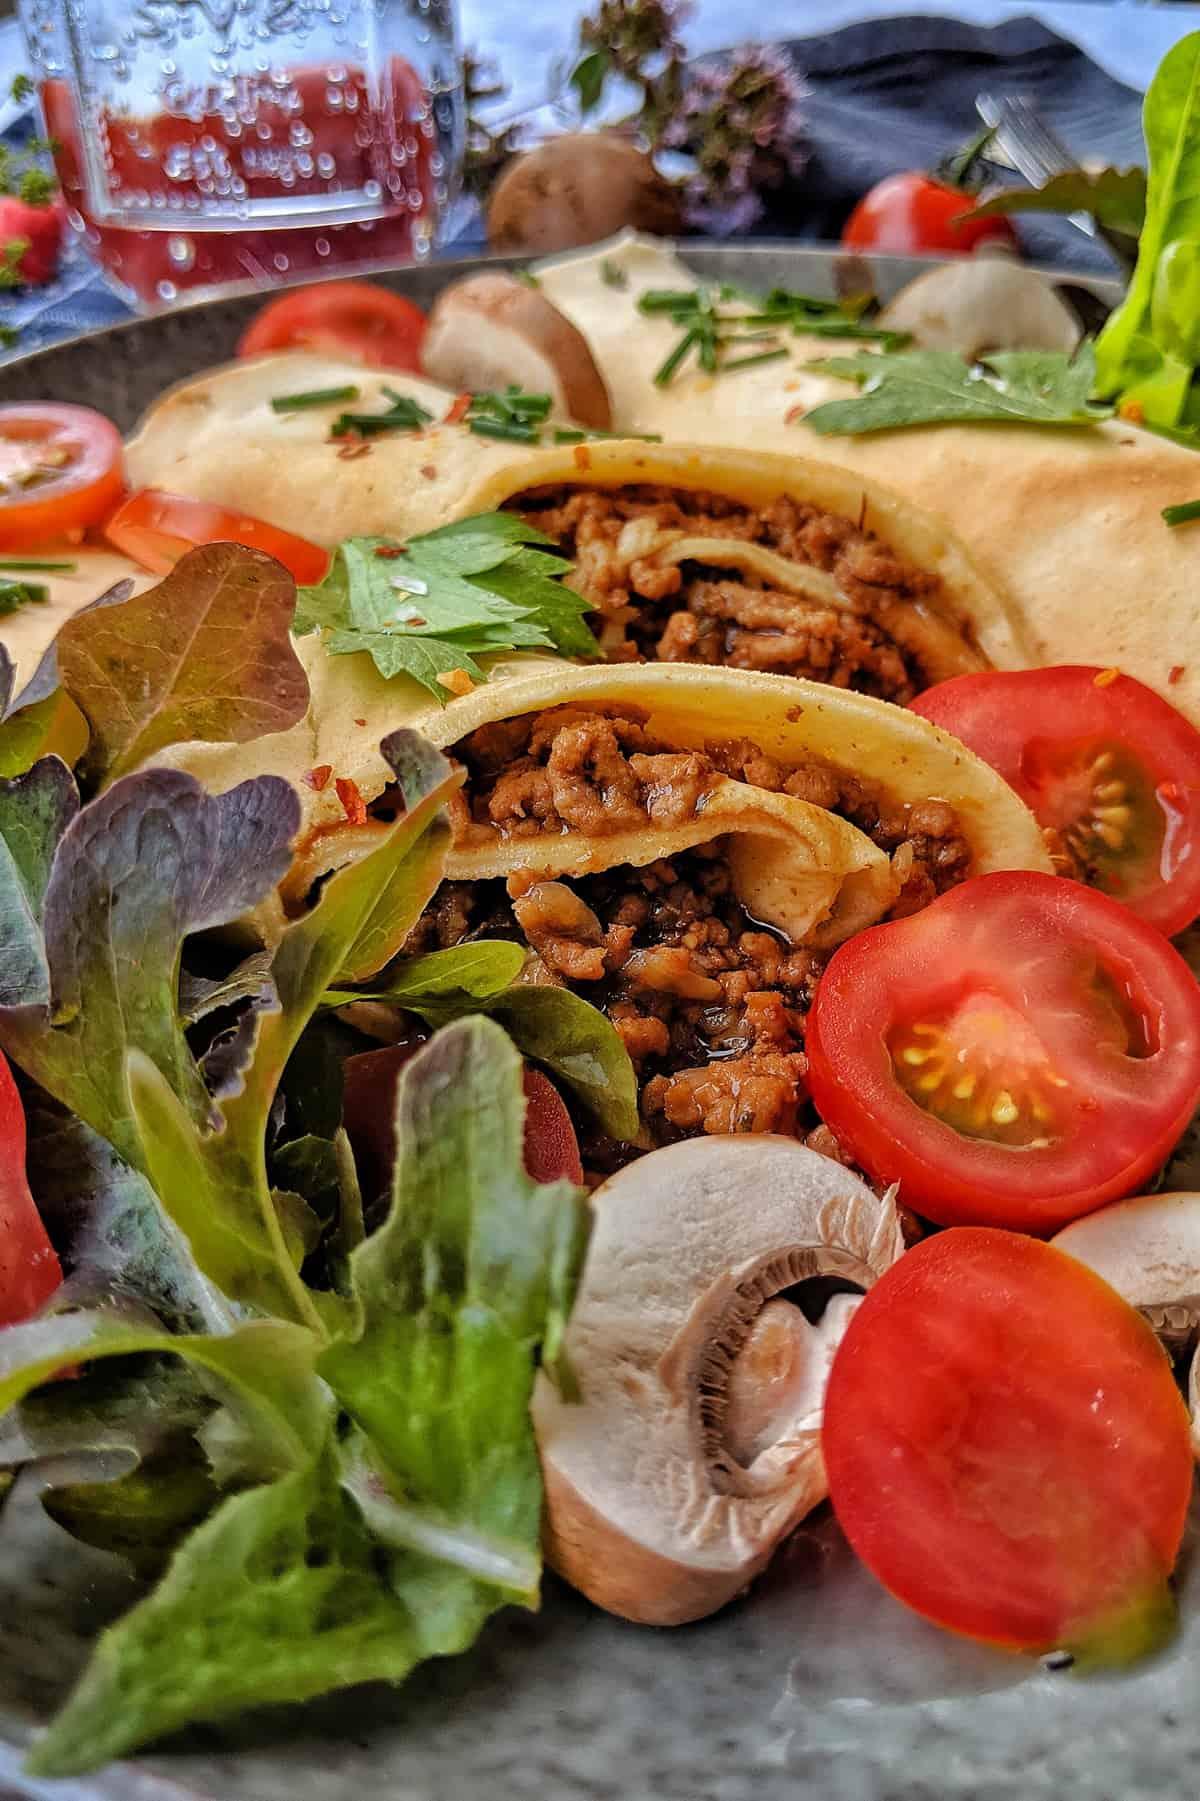 Eine Nahaufnahme von einem Teller mit herzhaften Pfannuchen sowie Tomaten und Salat.